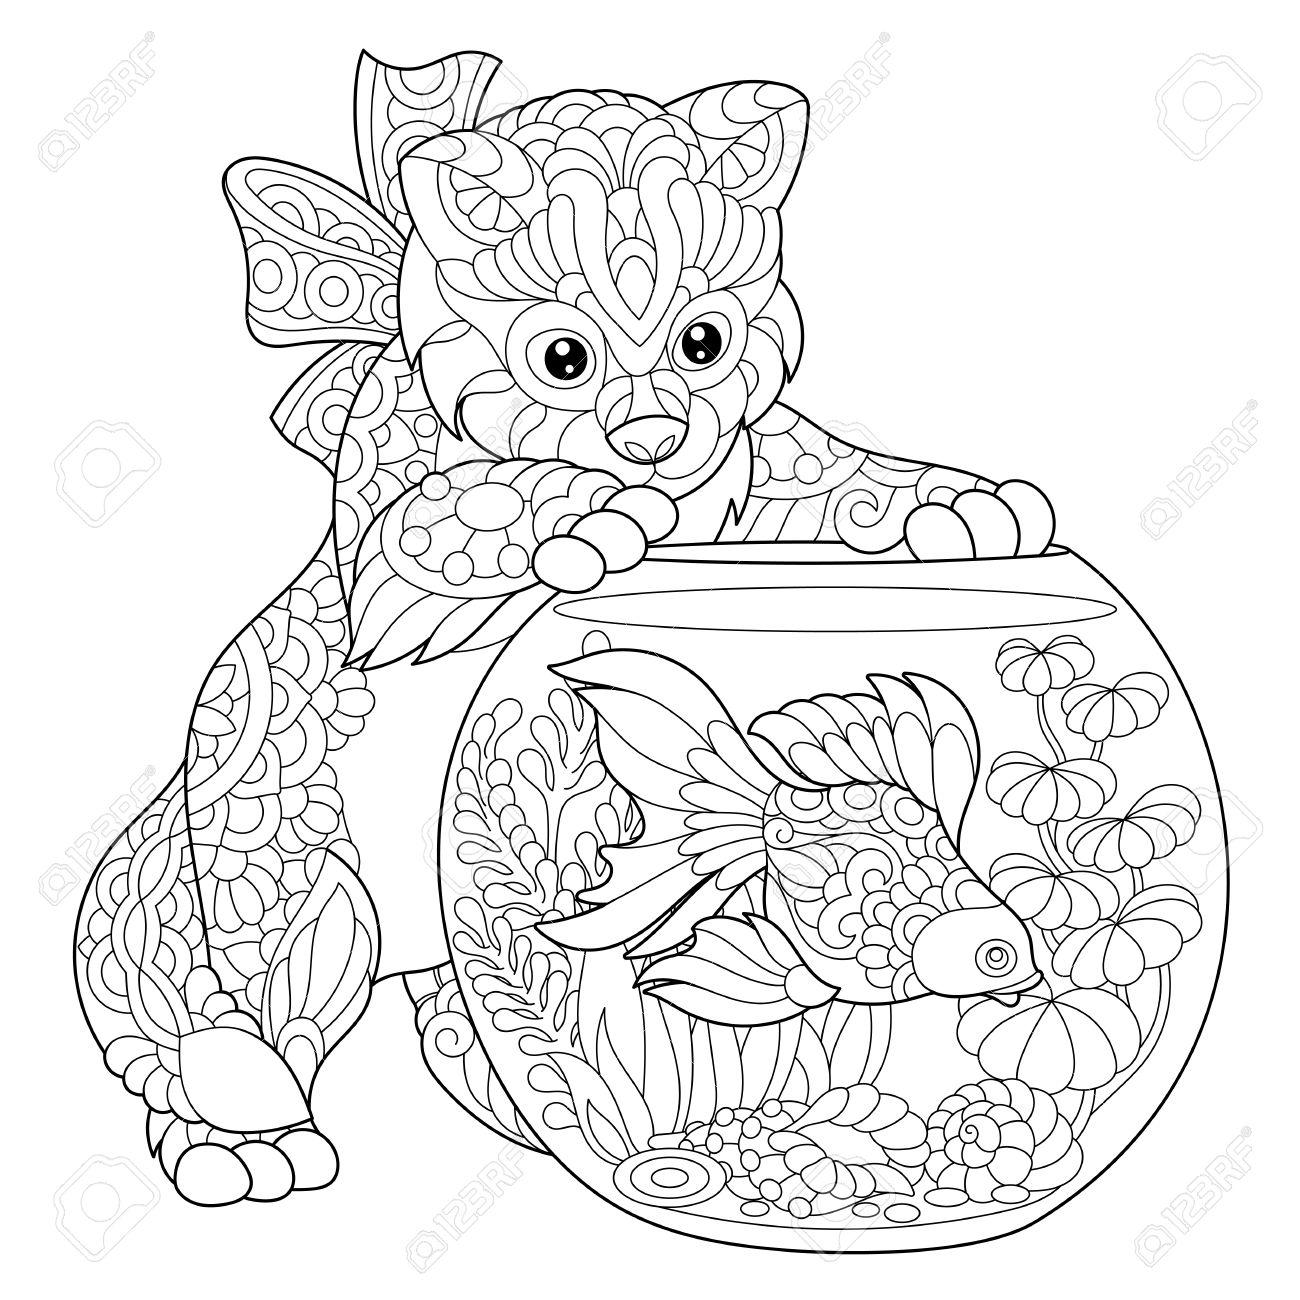 Kleurplaat Van Kitten Af Over Goudvis In Het Aquarium Schets Uit De Vrije Hand Tekenen Voor Volwassen Antistress Kleurboek Met Doodle En Zentangle